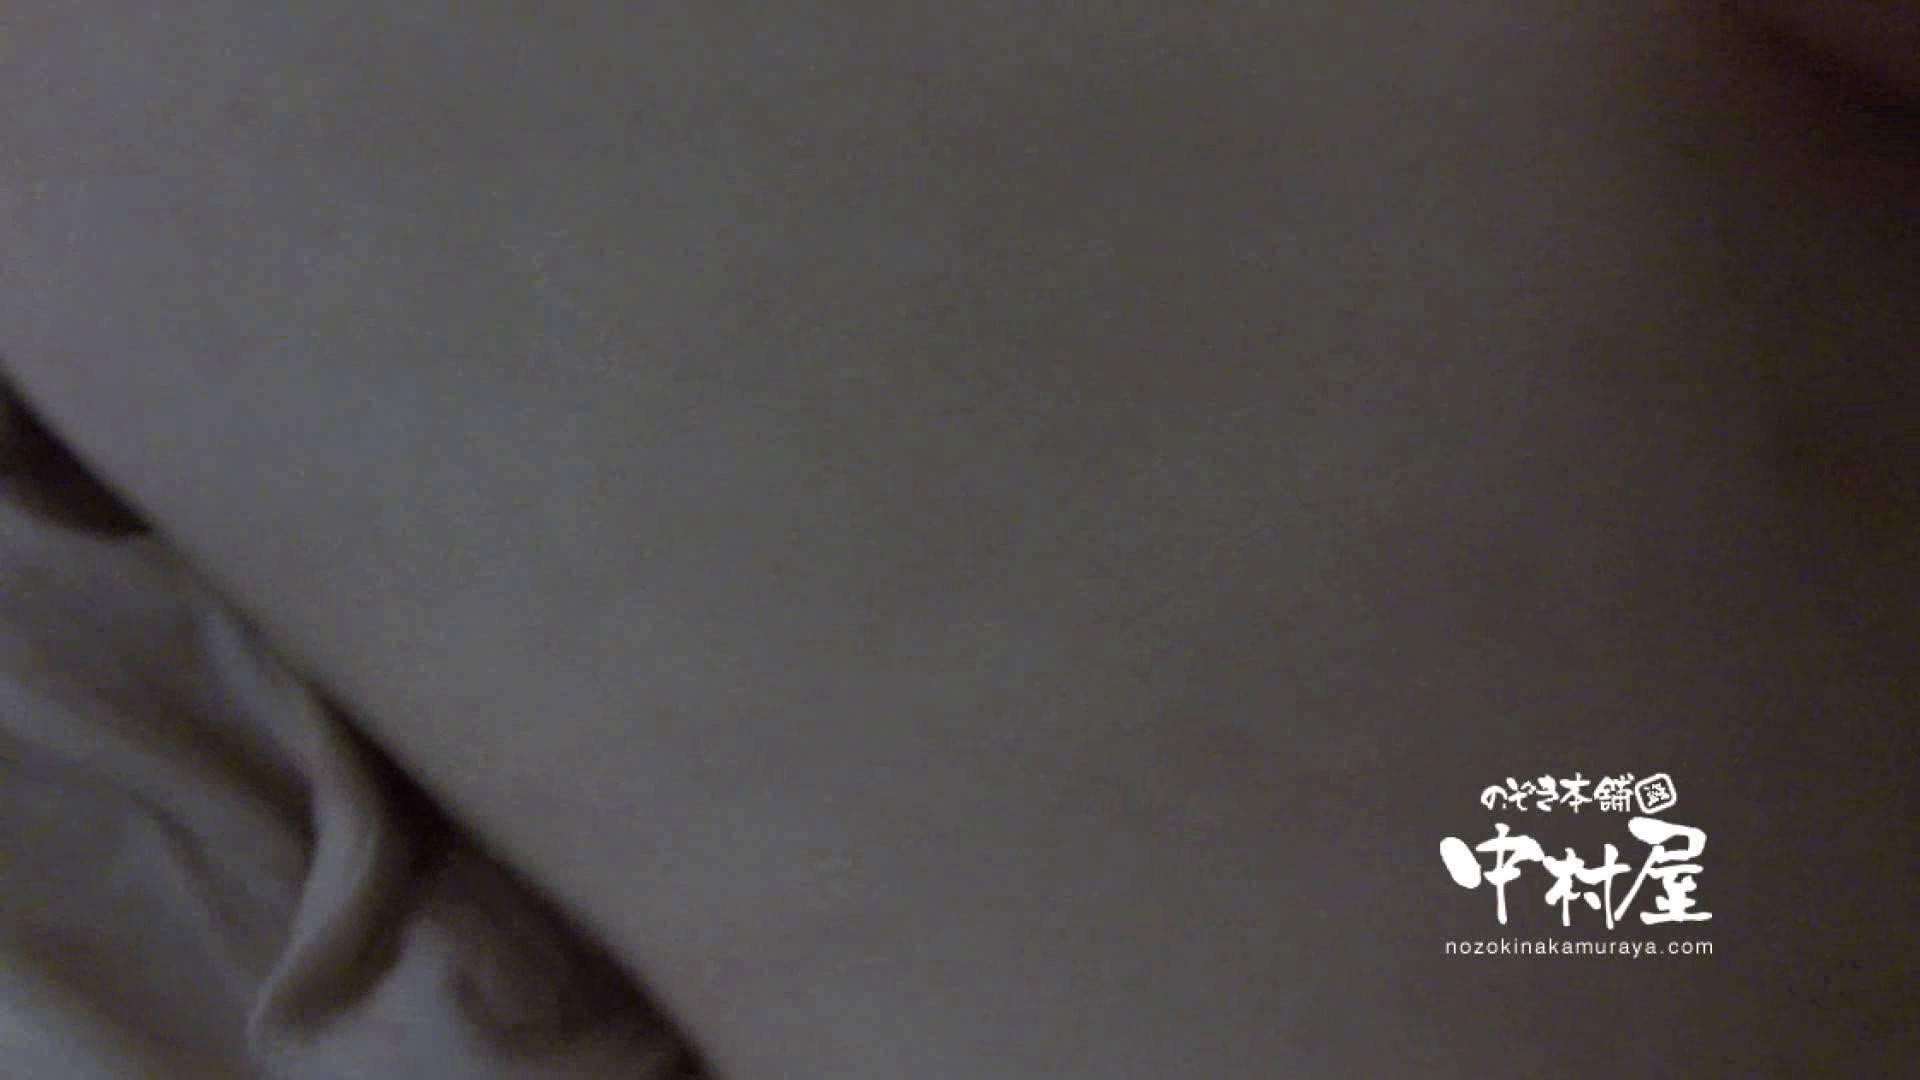 鬼畜 vol.12 剥ぎ取ったら色白でゴウモウだった 前編 OLセックス  110画像 82